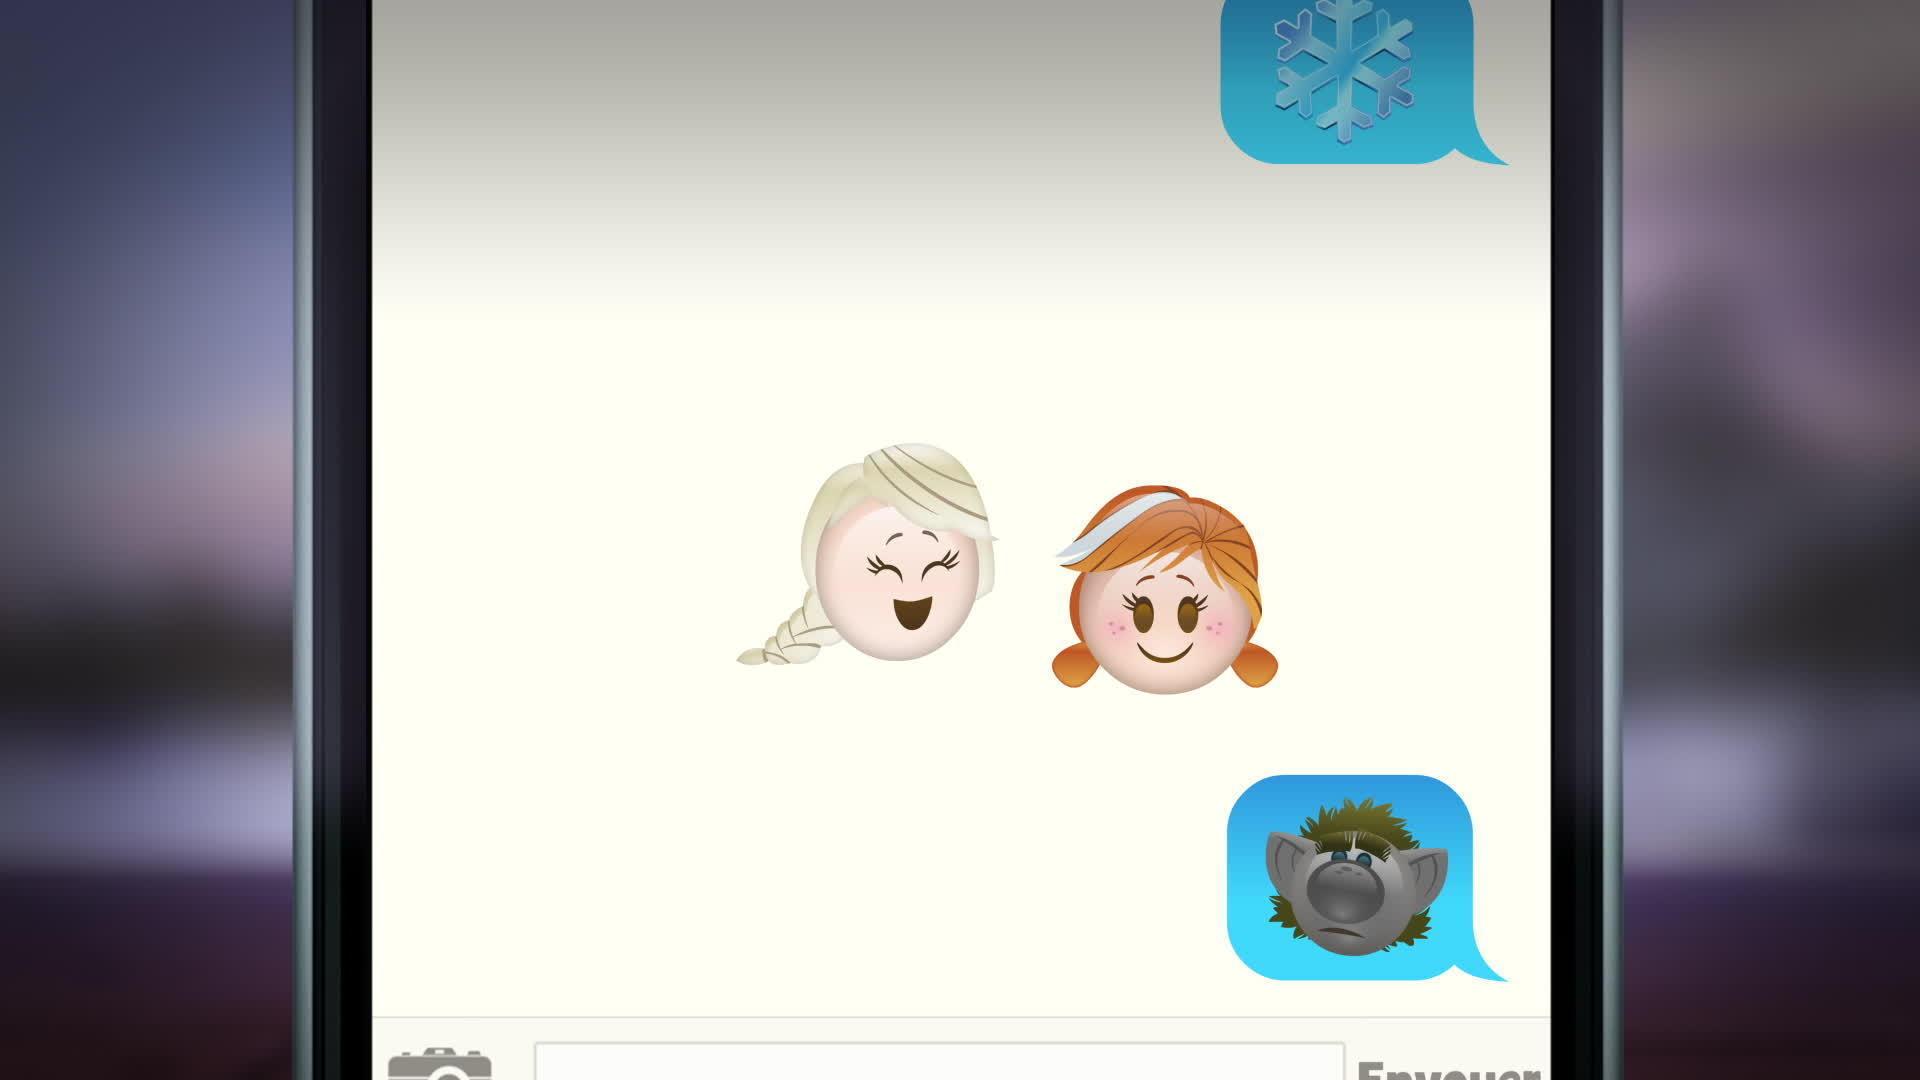 Disney Emojis - La Reine des Neiges raconté en Emojis